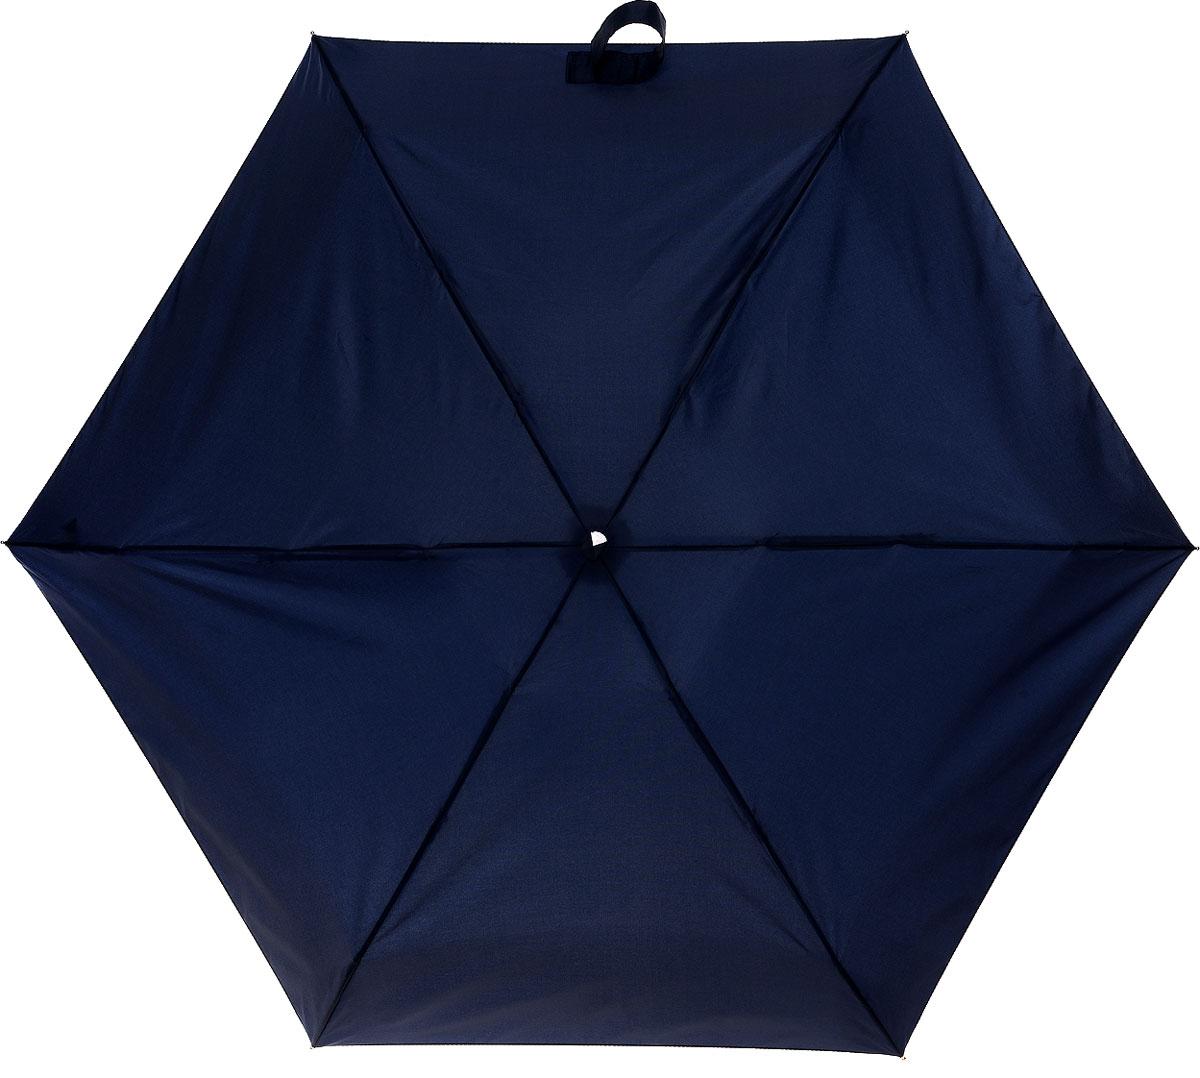 """Зонт Fulton, механический, 5 сложений, цвет: темно-синий. L500 3S033L500 3S033Стильный сверхкомпактный зонт """"Fulton"""" защитит от непогоды, а его компактный размер позволит вам всегда носить его с собой. """"Ветростойкий"""" плоский алюминиевый каркас зонта в 5 сложений состоит из шести спиц с элементами из фибергласса, зонт оснащен удобной рукояткой из прорезиненного пластика. Купол зонта выполнен из прочного полиэстера темно-синего цвета. На рукоятке для удобства есть небольшой шнурок, позволяющий надеть зонт на руку тогда, когда это будет необходимо. К зонту прилагается чехол. Зонт механического сложения: купол открывается и закрывается вручную, стержень также складывается вручную до характерного щелчка. Характеристики: Материал: алюминий, фибергласс, пластик, полиэстер. Цвет: темно-синий. Диаметр купола: 87 см. Длина зонта в сложенном виде: 15 см. Длина ручки (стержня) в раскрытом виде: 50 см. Вес: 158 г. Артикул: L500 3S033."""